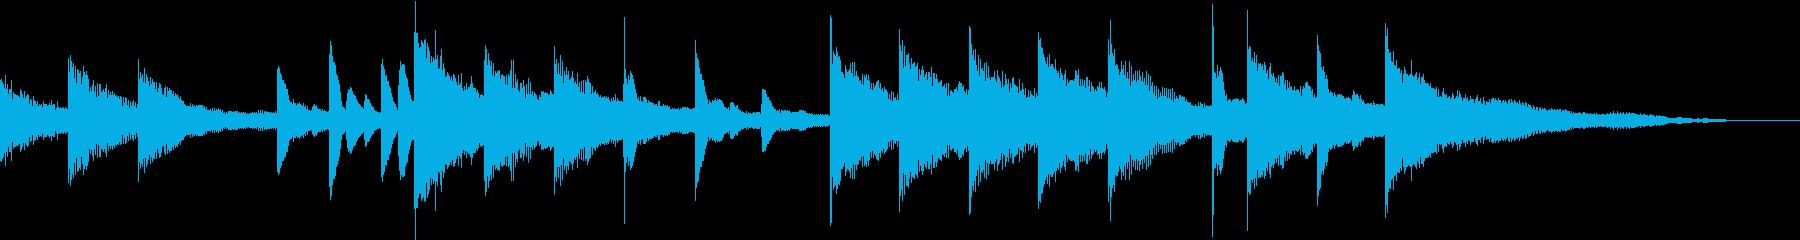 悲しい・荒廃した雰囲気のピアノジングルの再生済みの波形